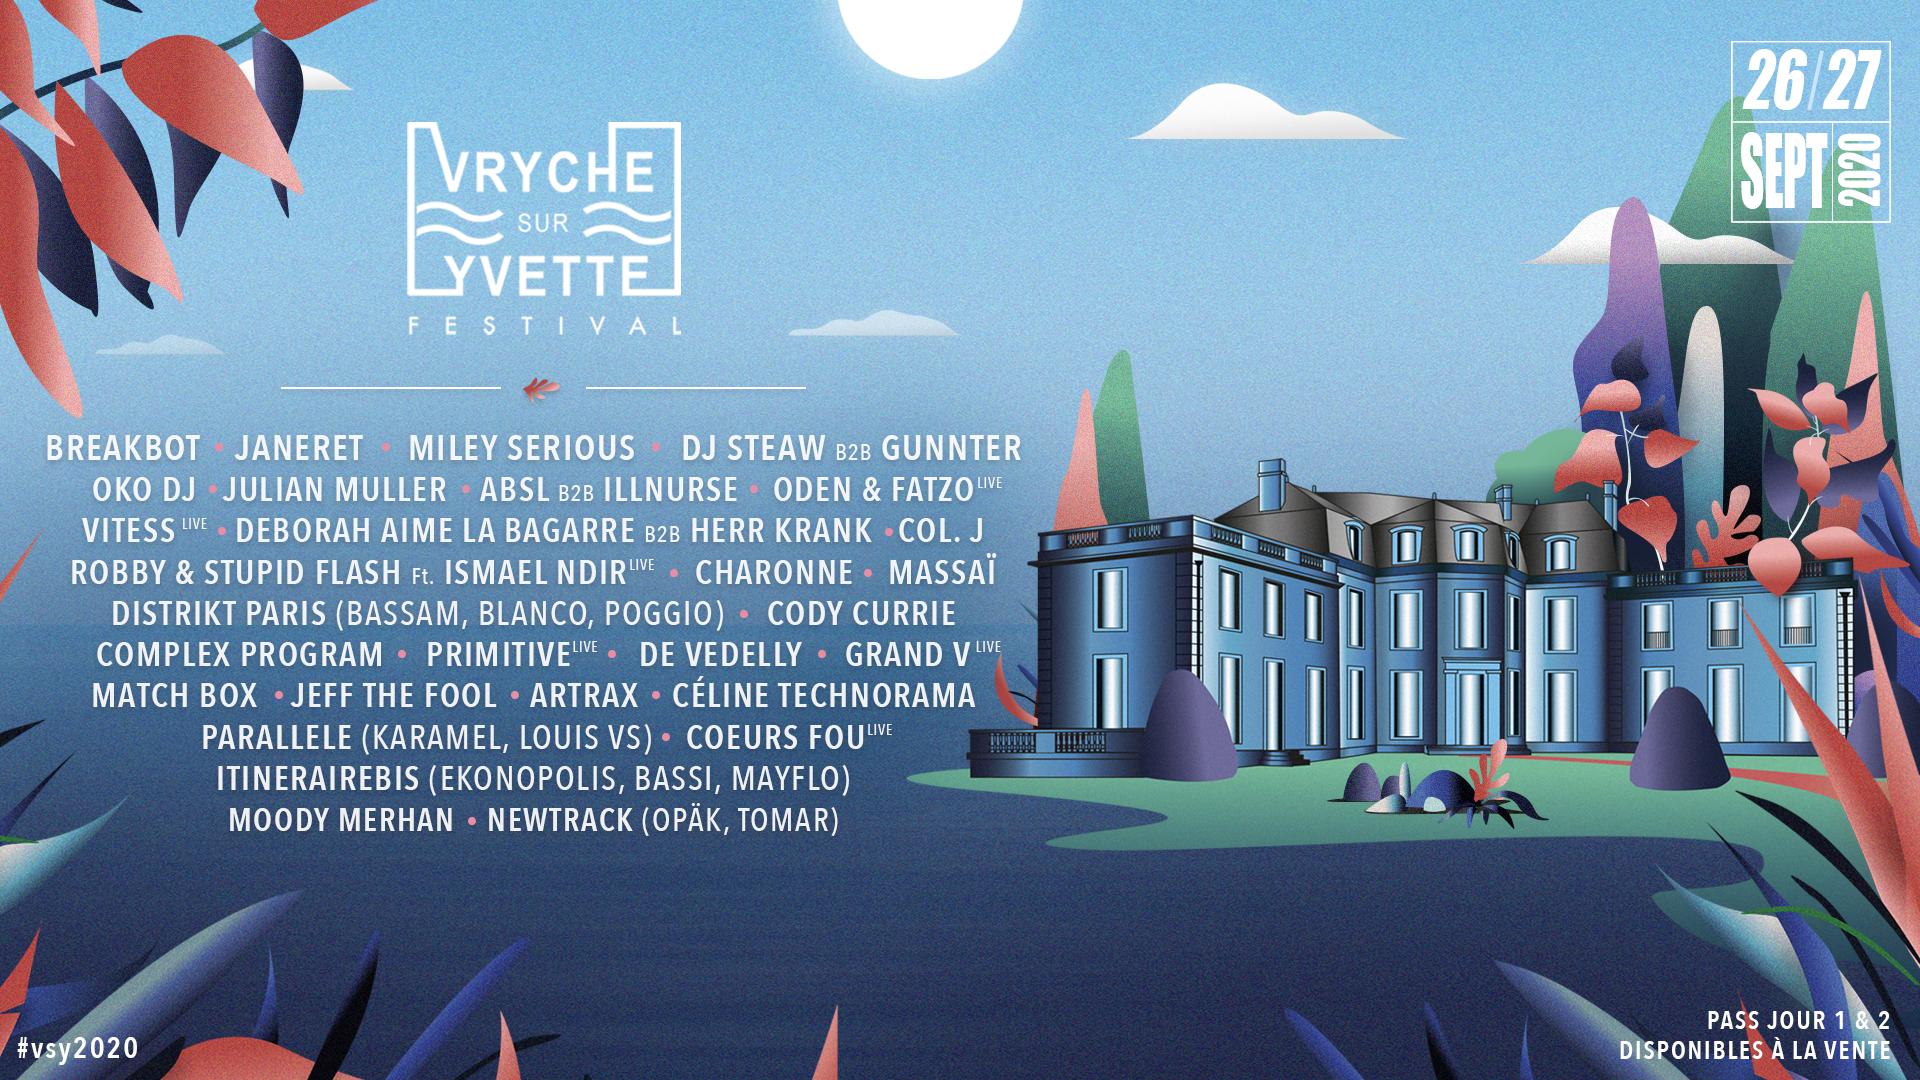 [REPORTÉ] Vryche Sur Yvette Festival 2021